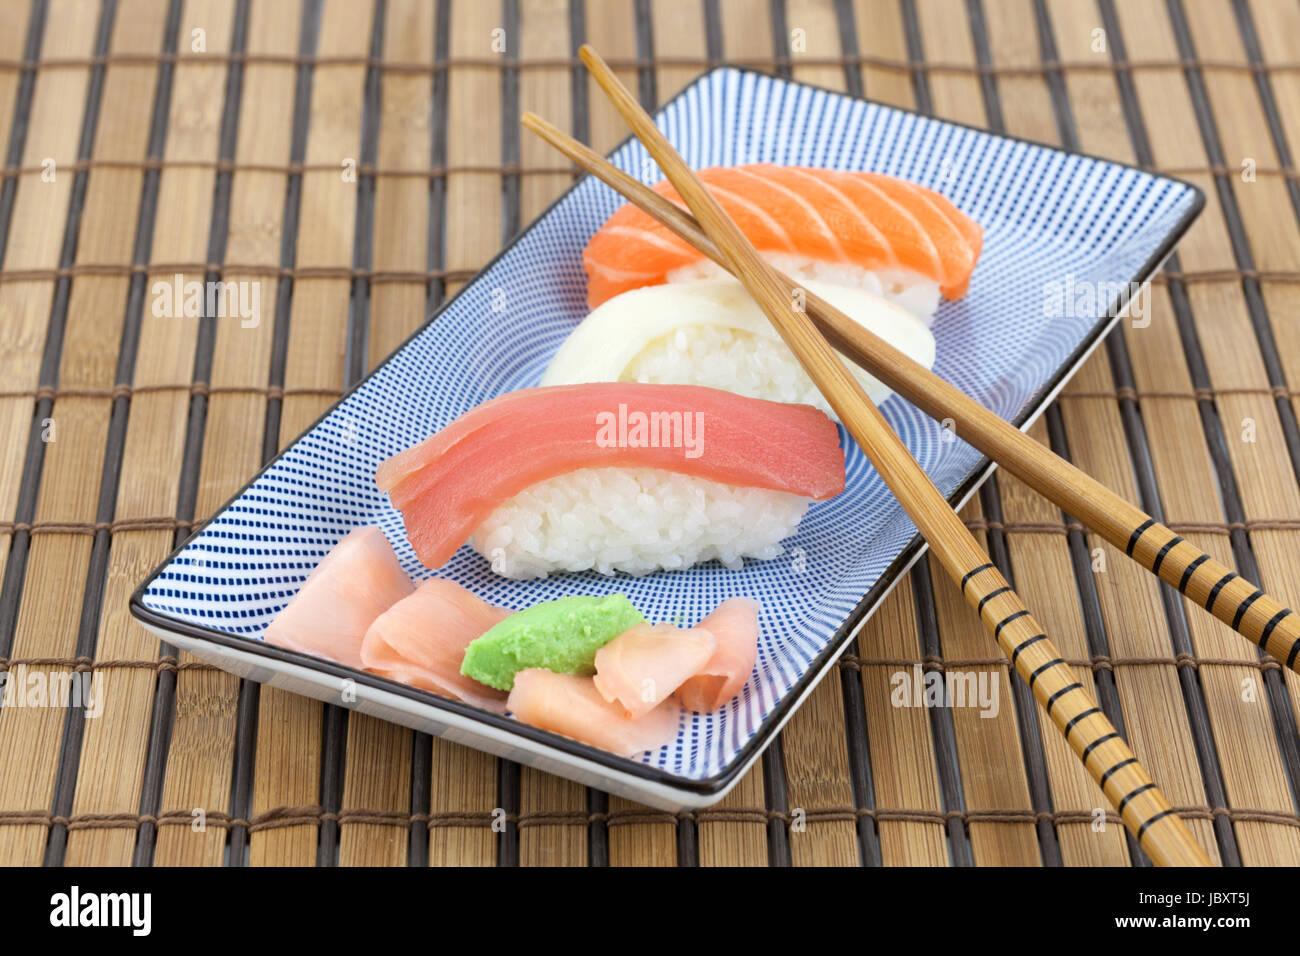 Japanisches Sushi Auf Einen Teller Mit Stabchen Stock Photo Alamy